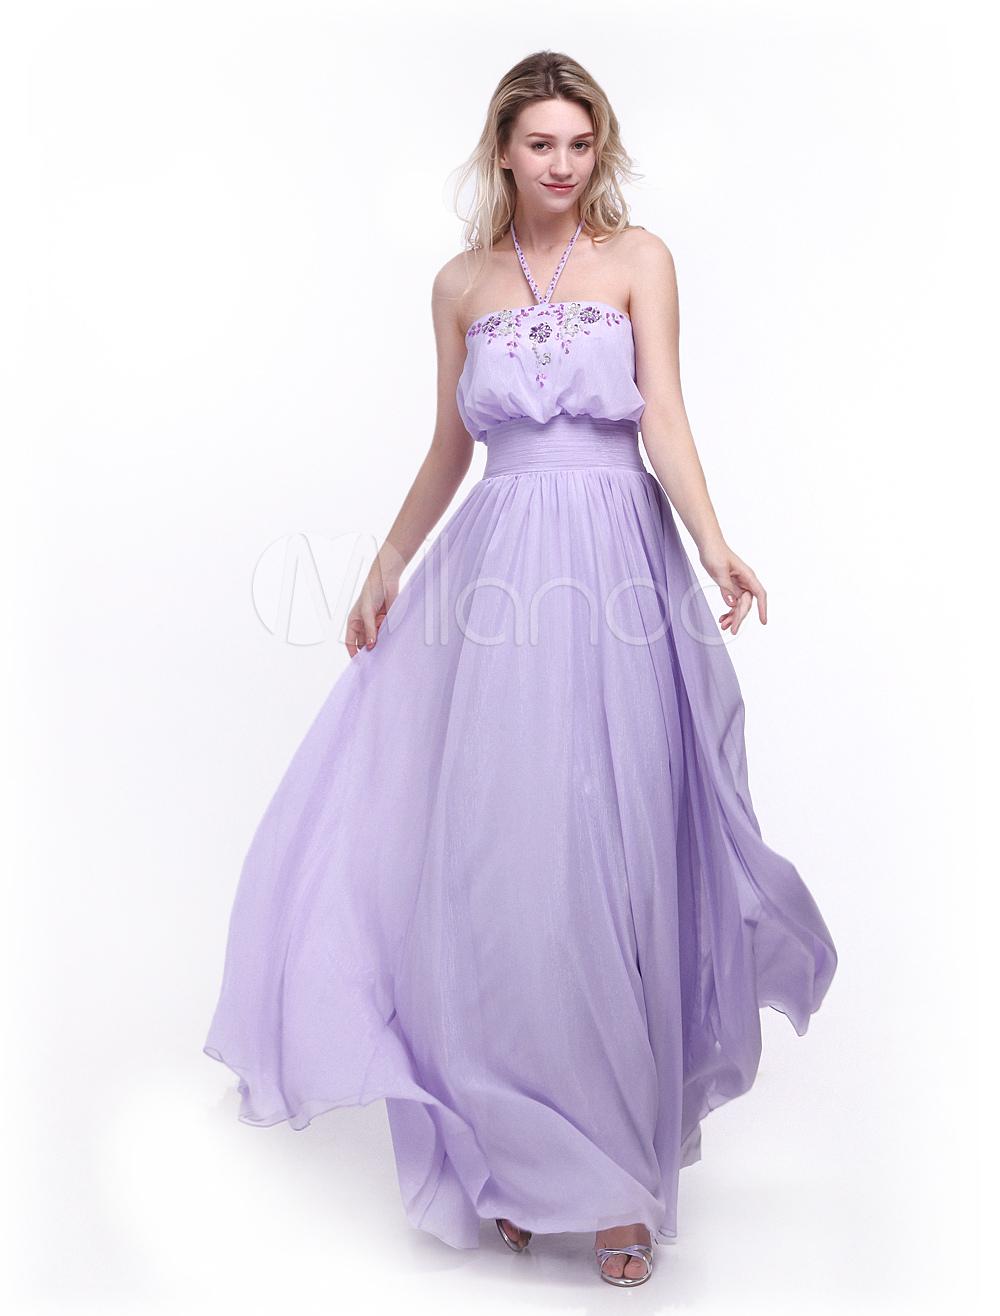 Magnífico Damas Jóvenes Vestidos De Reino Unido Fotos - Vestido de ...